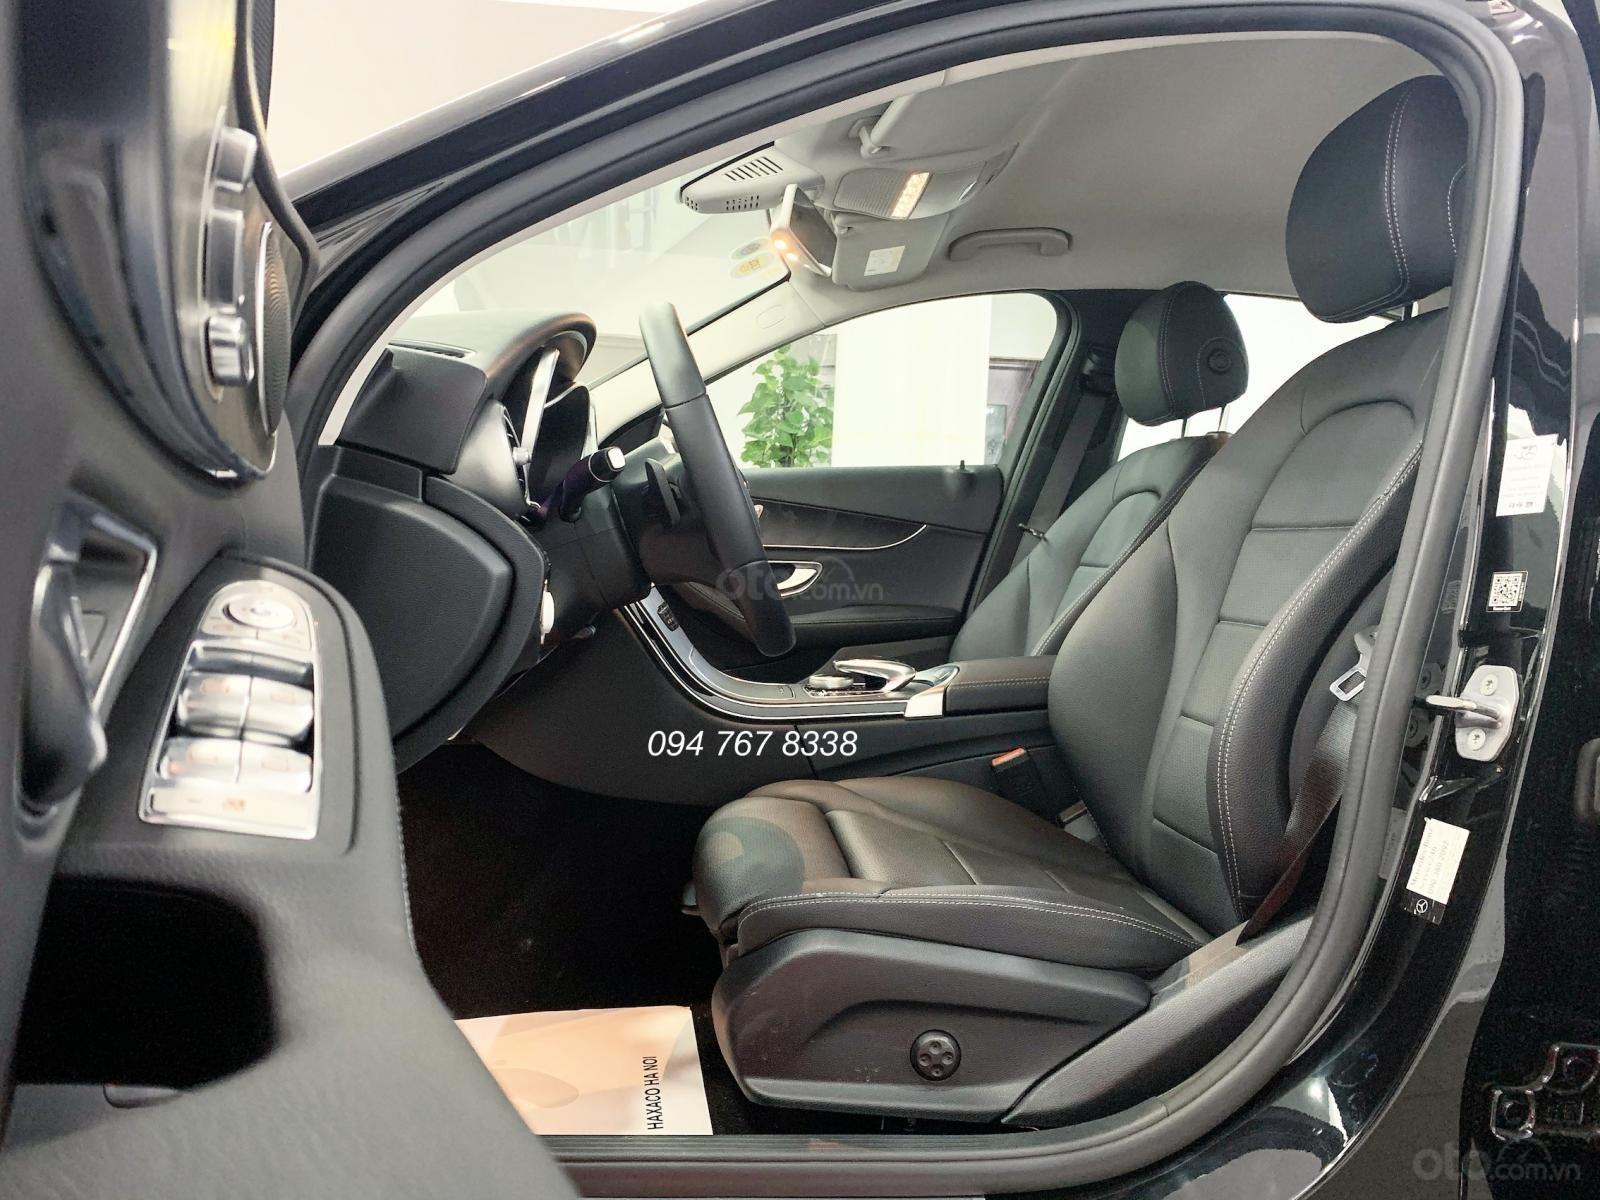 Bán Mercedes C200 2019 màu đen - Xe đã qua sử dụng chính hãng (3)